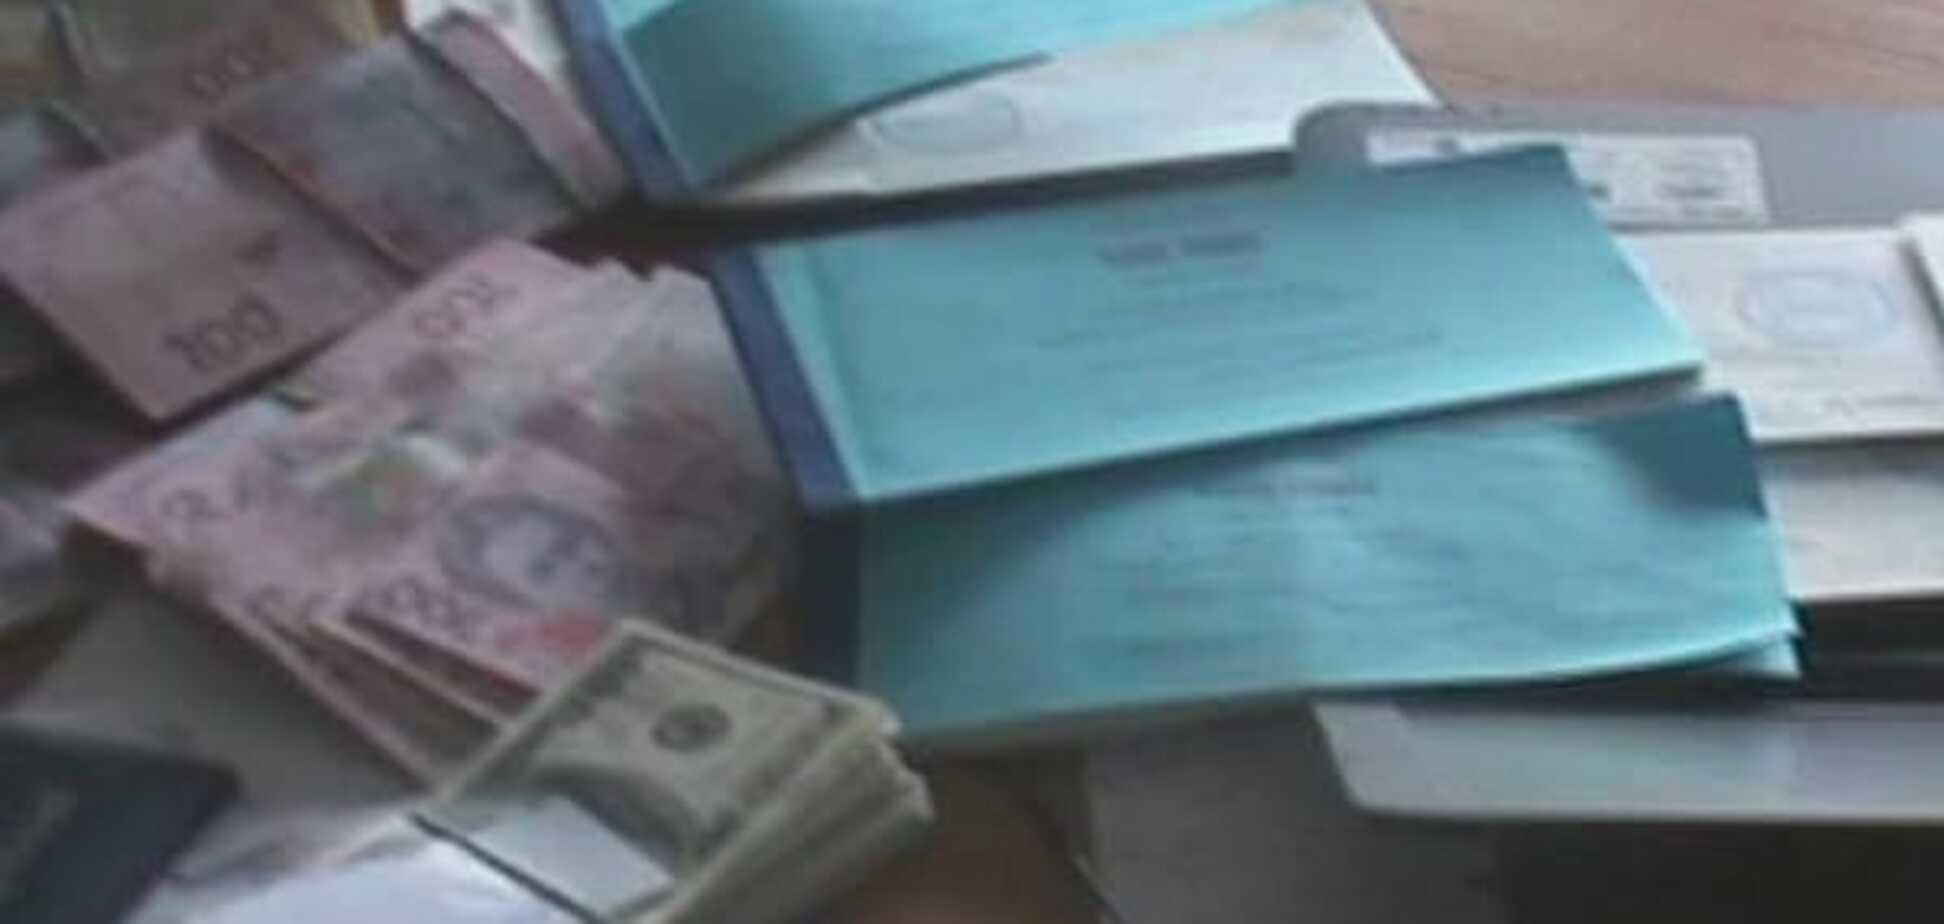 Повз касу: ДФС розкрила 'конверт' з оборотом у 100 млн грн